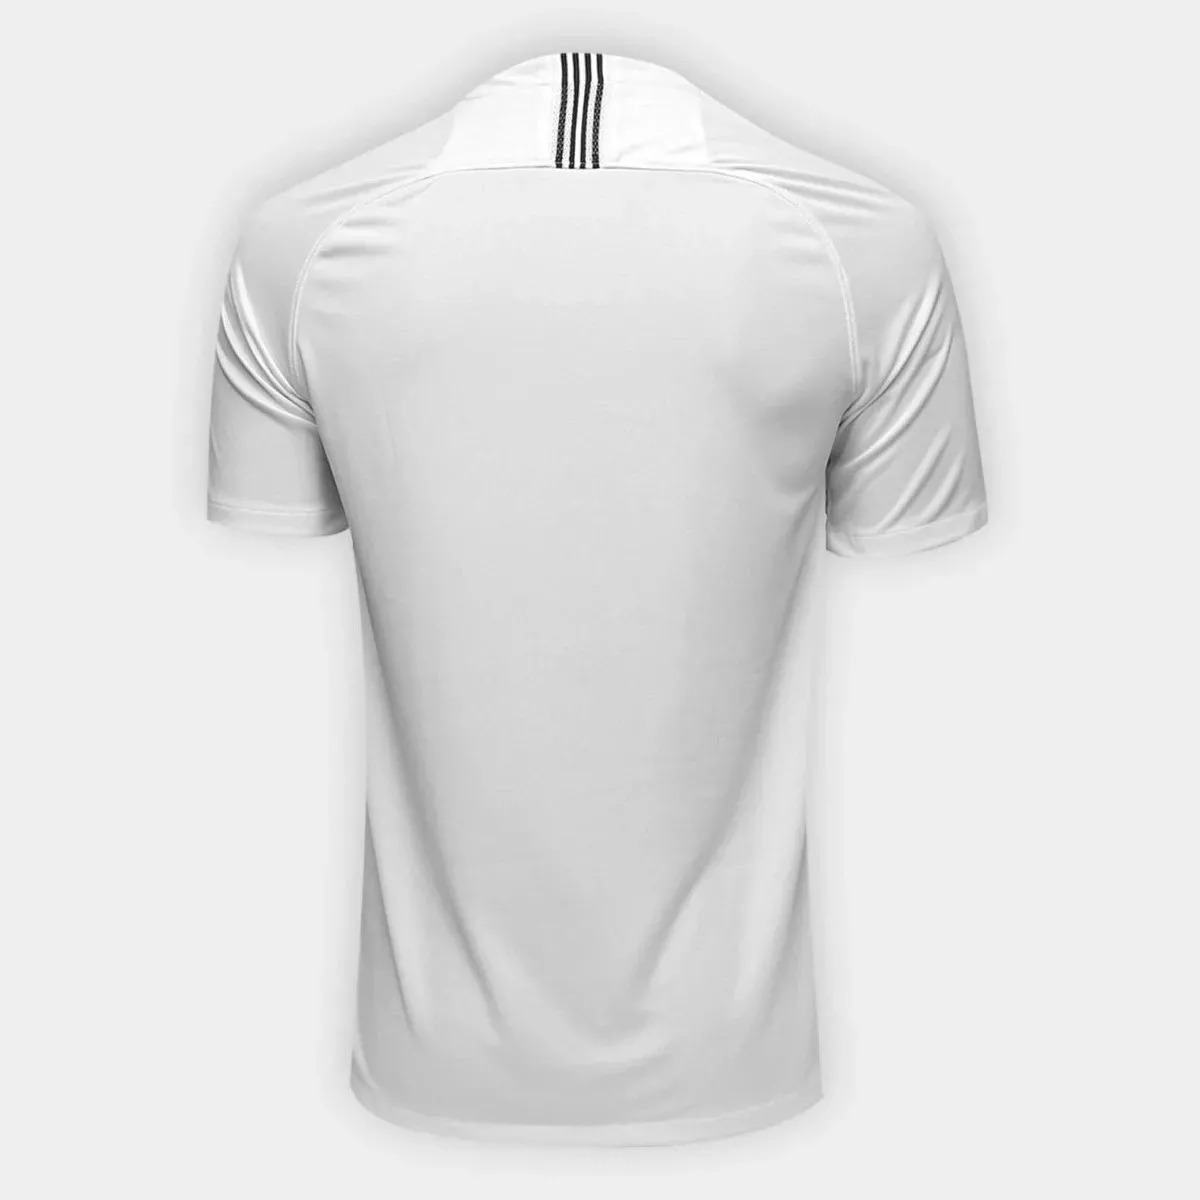 36f909c4f796f Camisa Do Corinthians Timão 2018 Oferta. - R  57